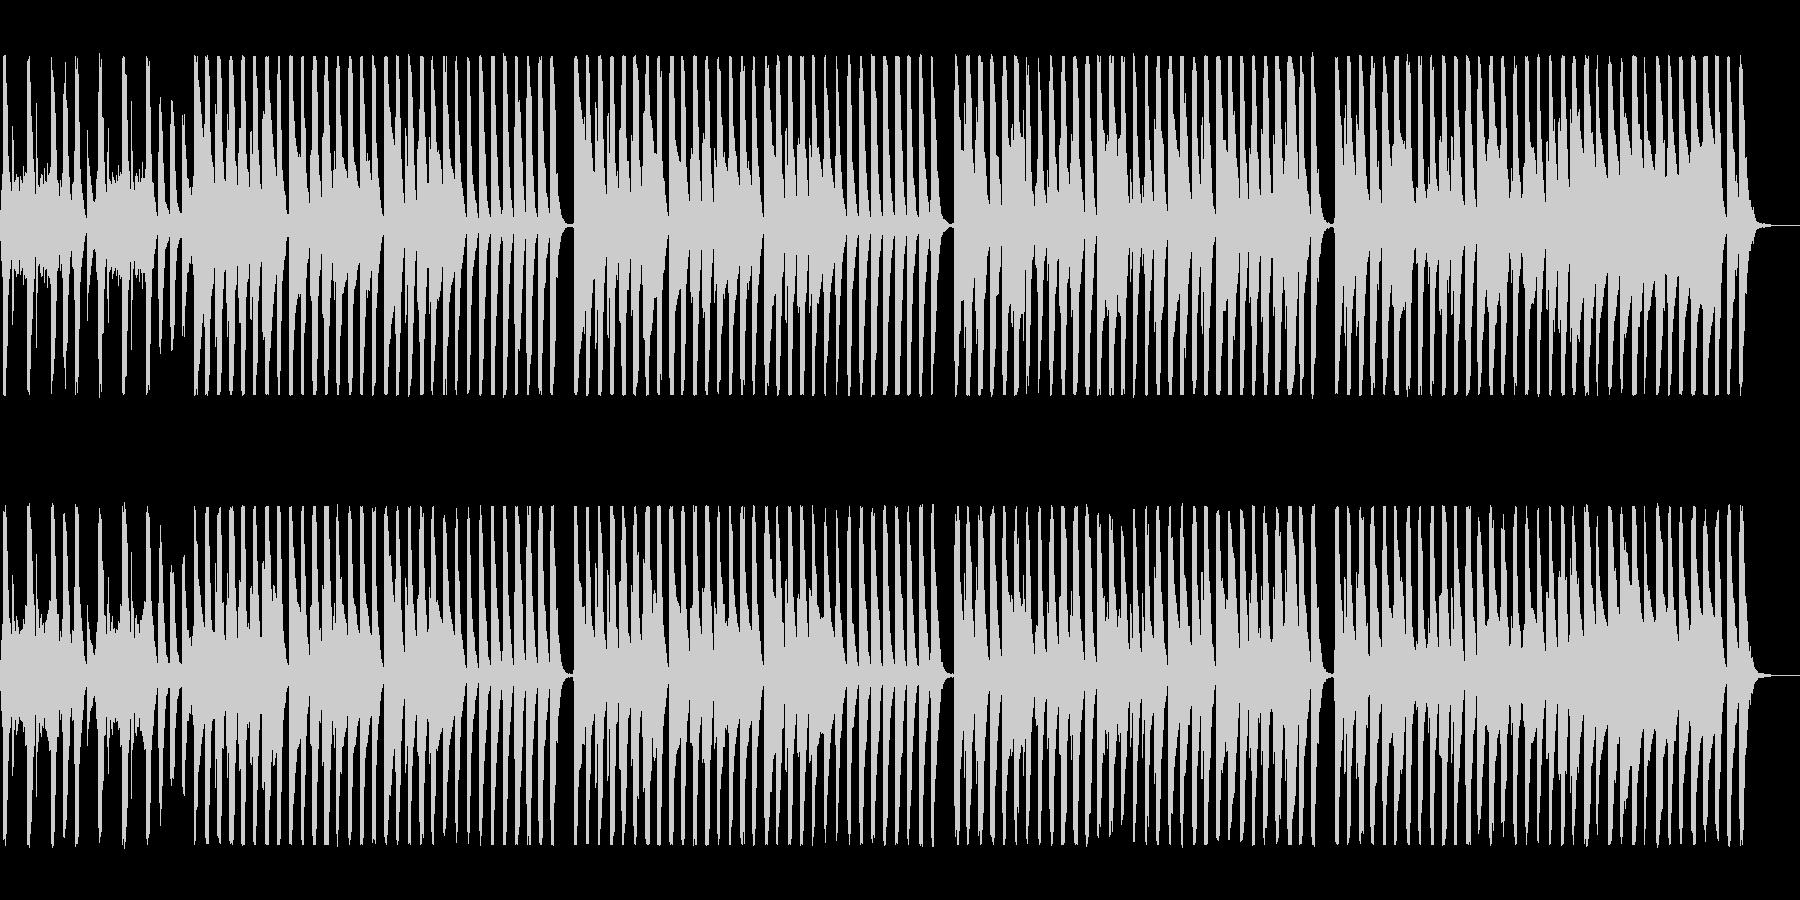 明るく元気なシンセオルガンサウンドの未再生の波形